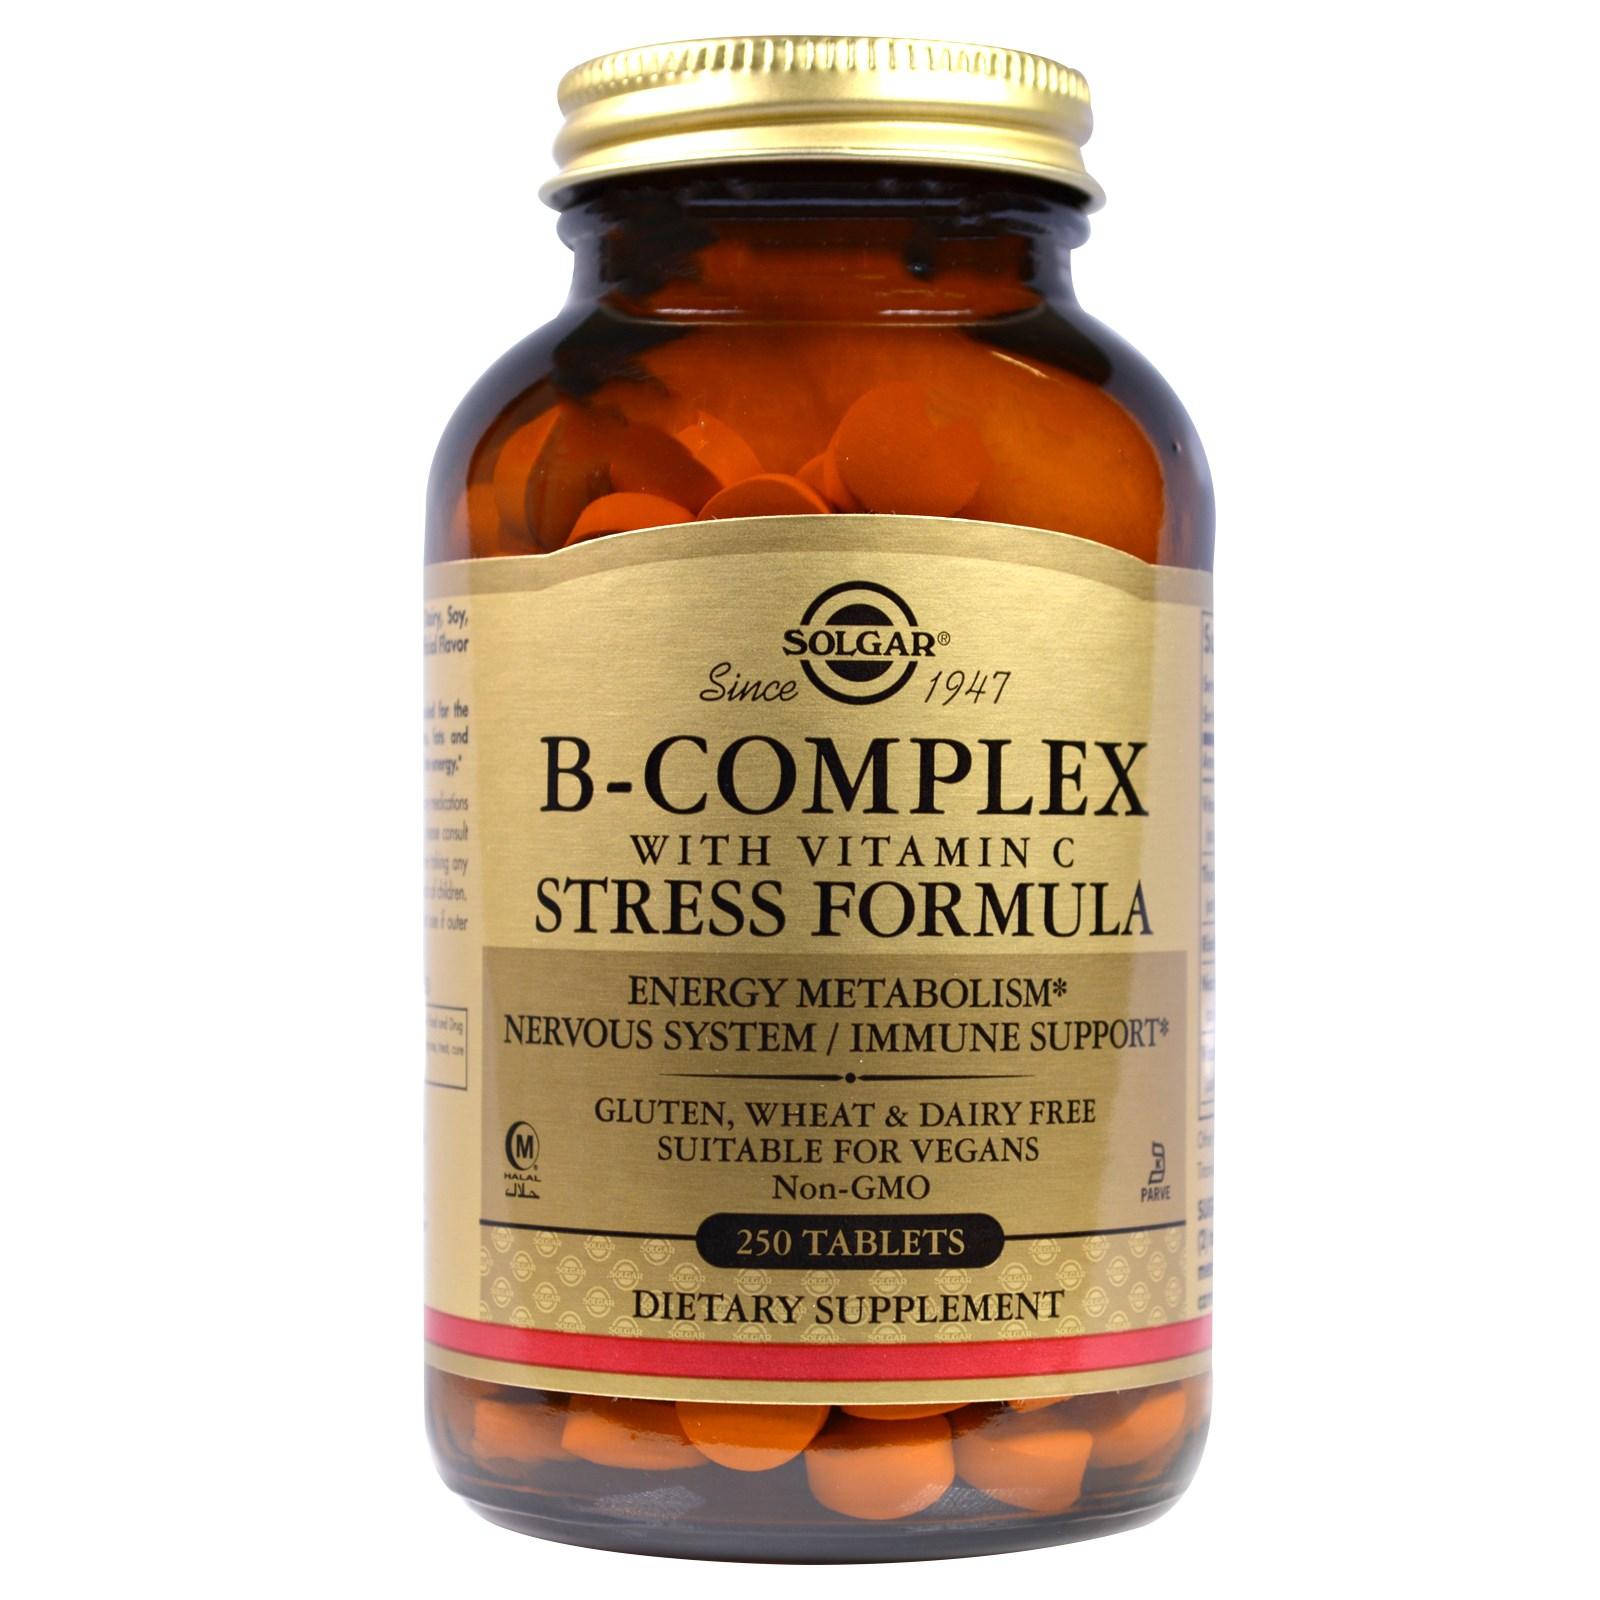 Комплекс витаминов B, формула против стресса в таблетках, Solgar (250 штук)